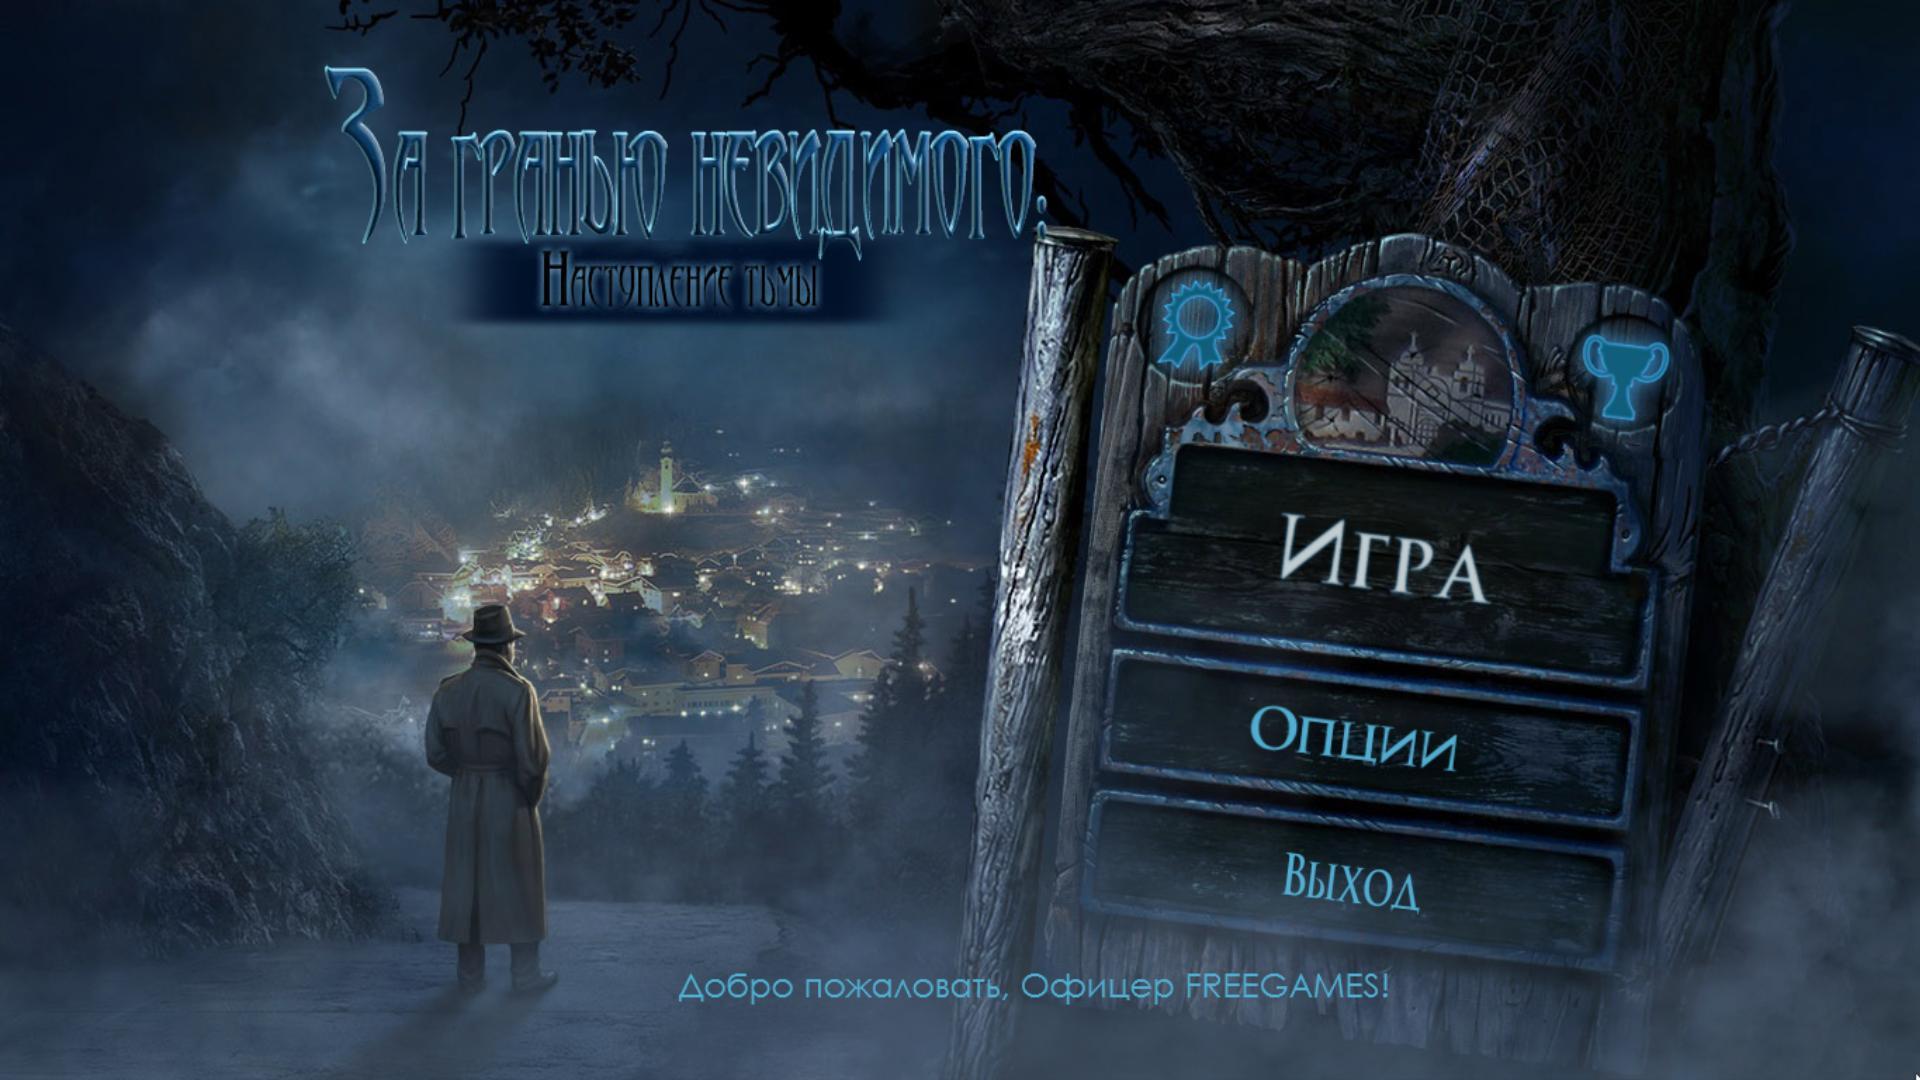 За гранью невидимого 2: Наступление тьмы. Платиновое издание | Beyond the Invisible 2: Darkness Came PE (Rus)